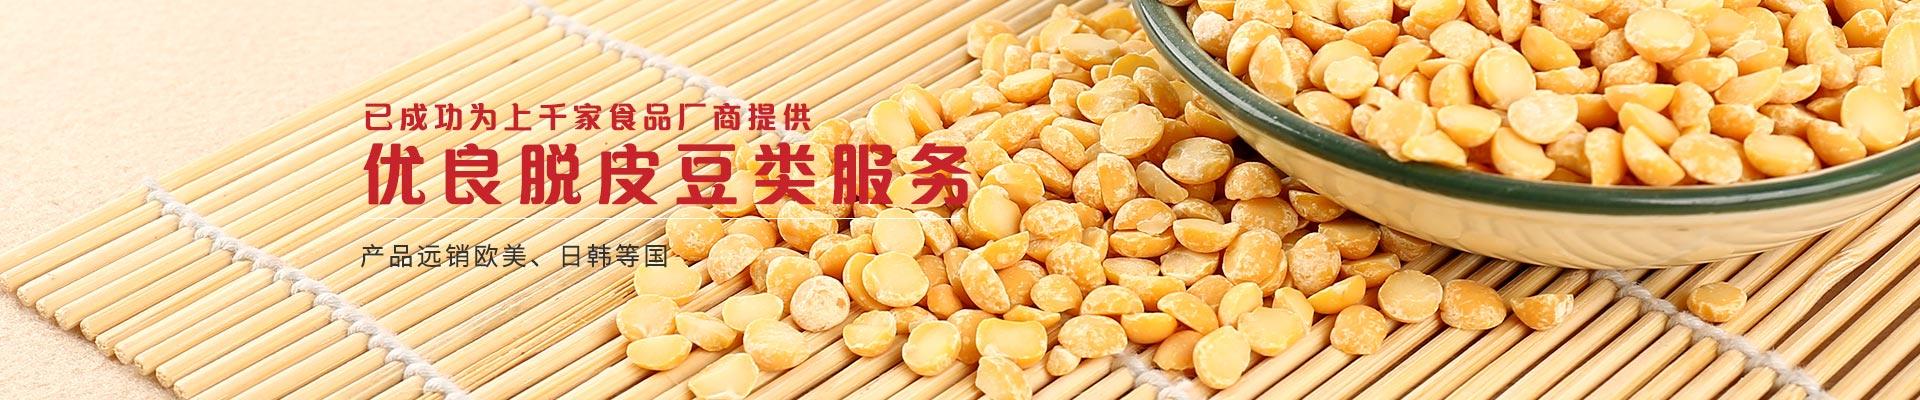 金威玛已成功为上千家食品厂商提供优良脱皮豆类服务